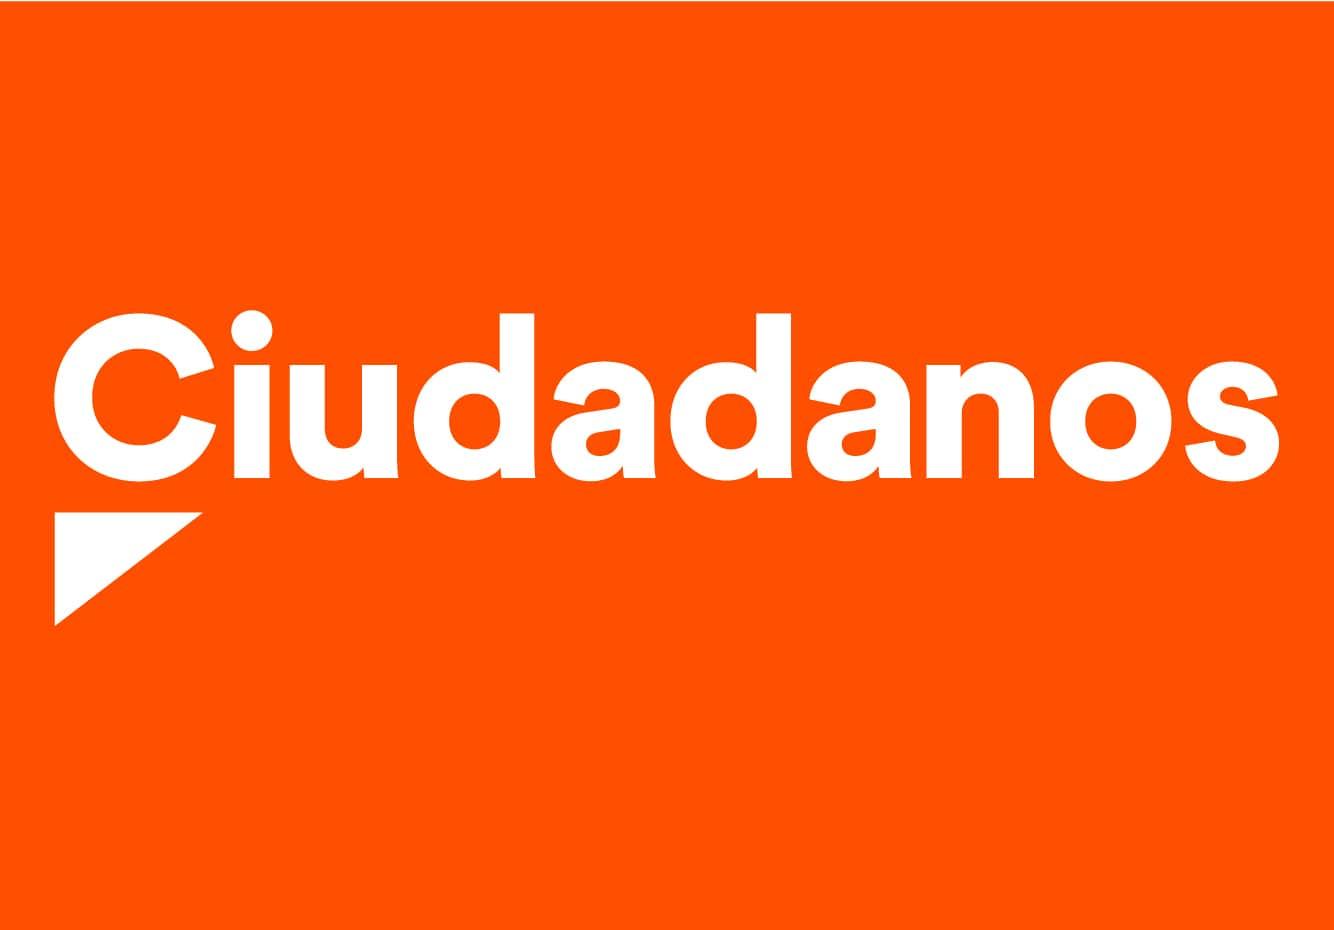 Bandera de Ciudadanos Naranja